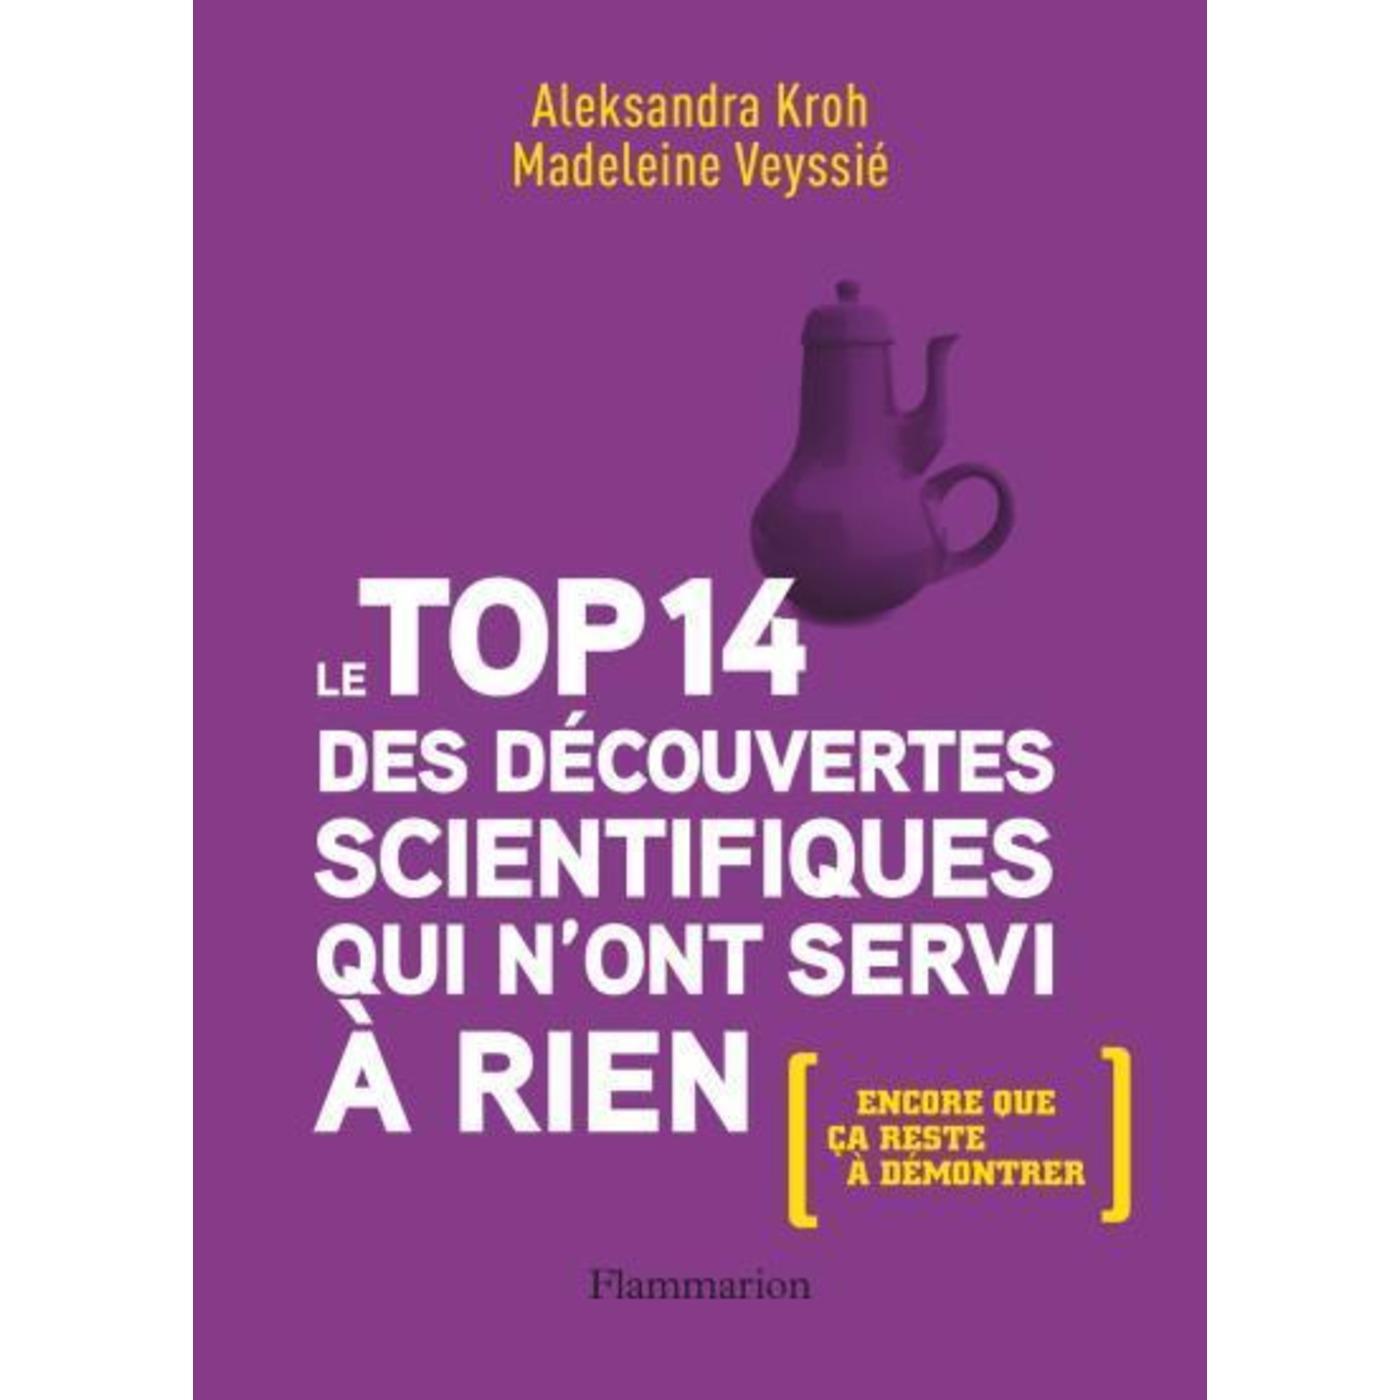 LisezLaScience – 19 – Le Top 14 Des Découvertes Scientifiques Qui N'Ont Servi A Rien de A. Kroh et M. Veyssié